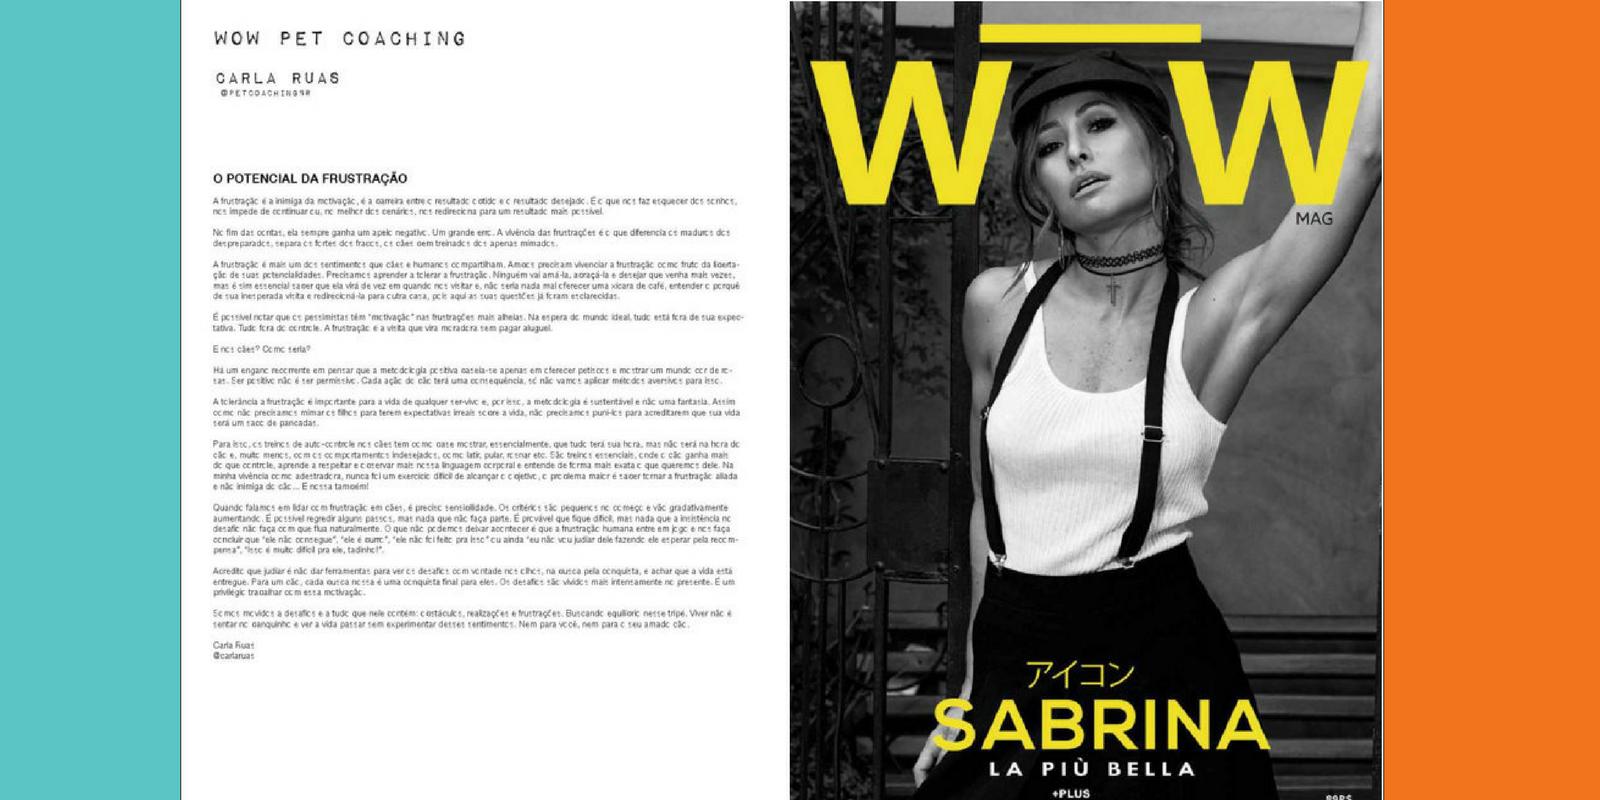 Lambeijos, Carla Ruas - Coluna #3 WOW PetCoaching: O Potencial da Frustração